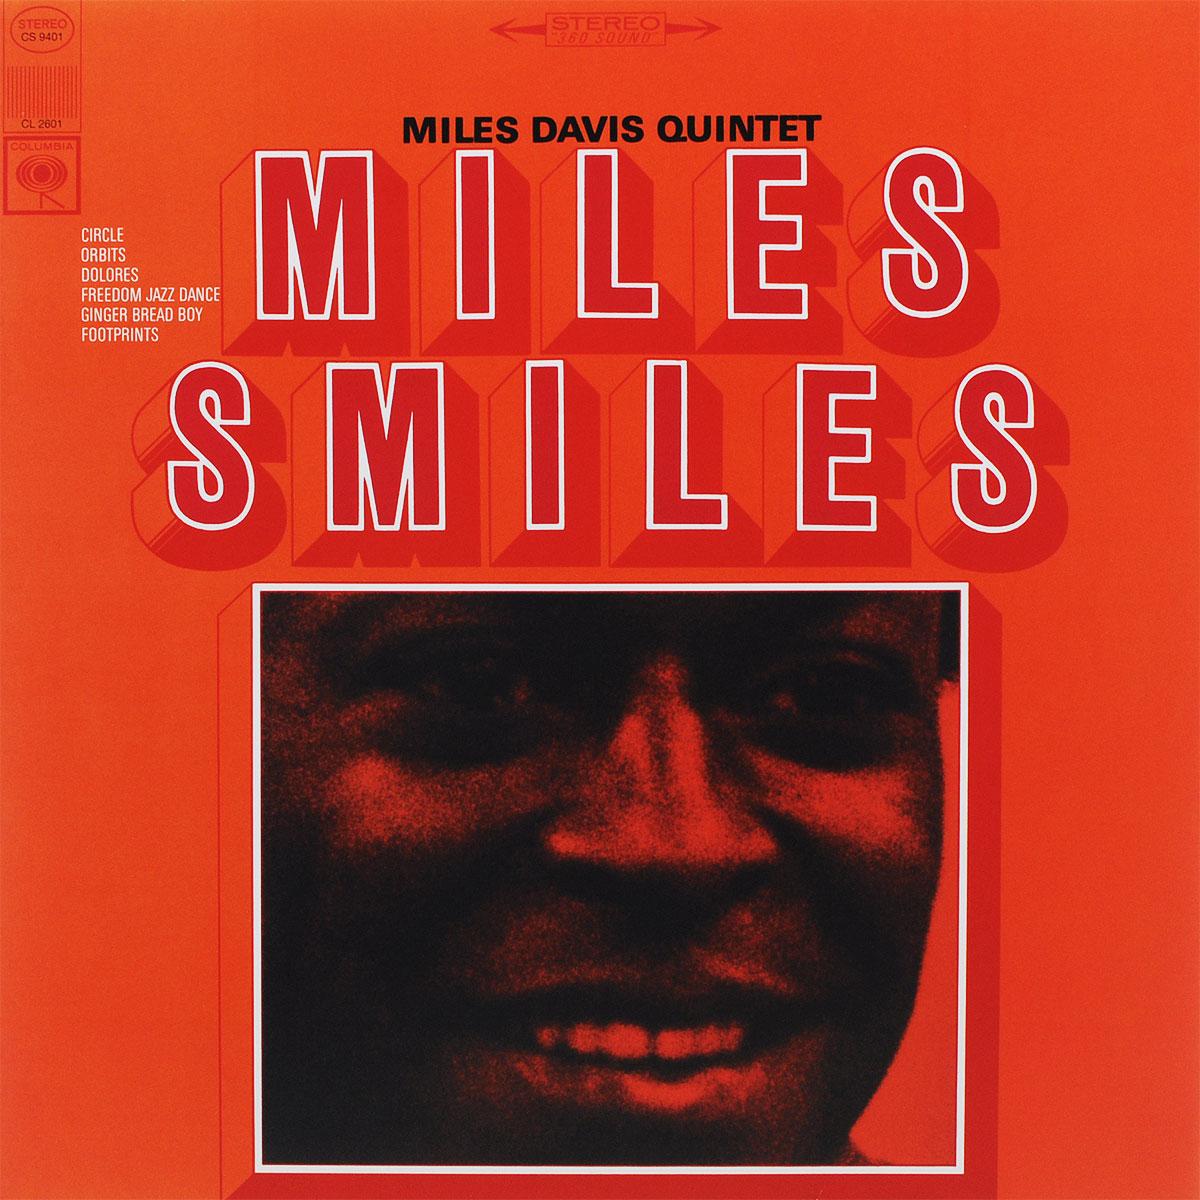 Майлз Дэвис,Miles Davis Quintet DAVIS, MILES -QUINTET- Miles Smiles -Hq- LP davis 6316ceu